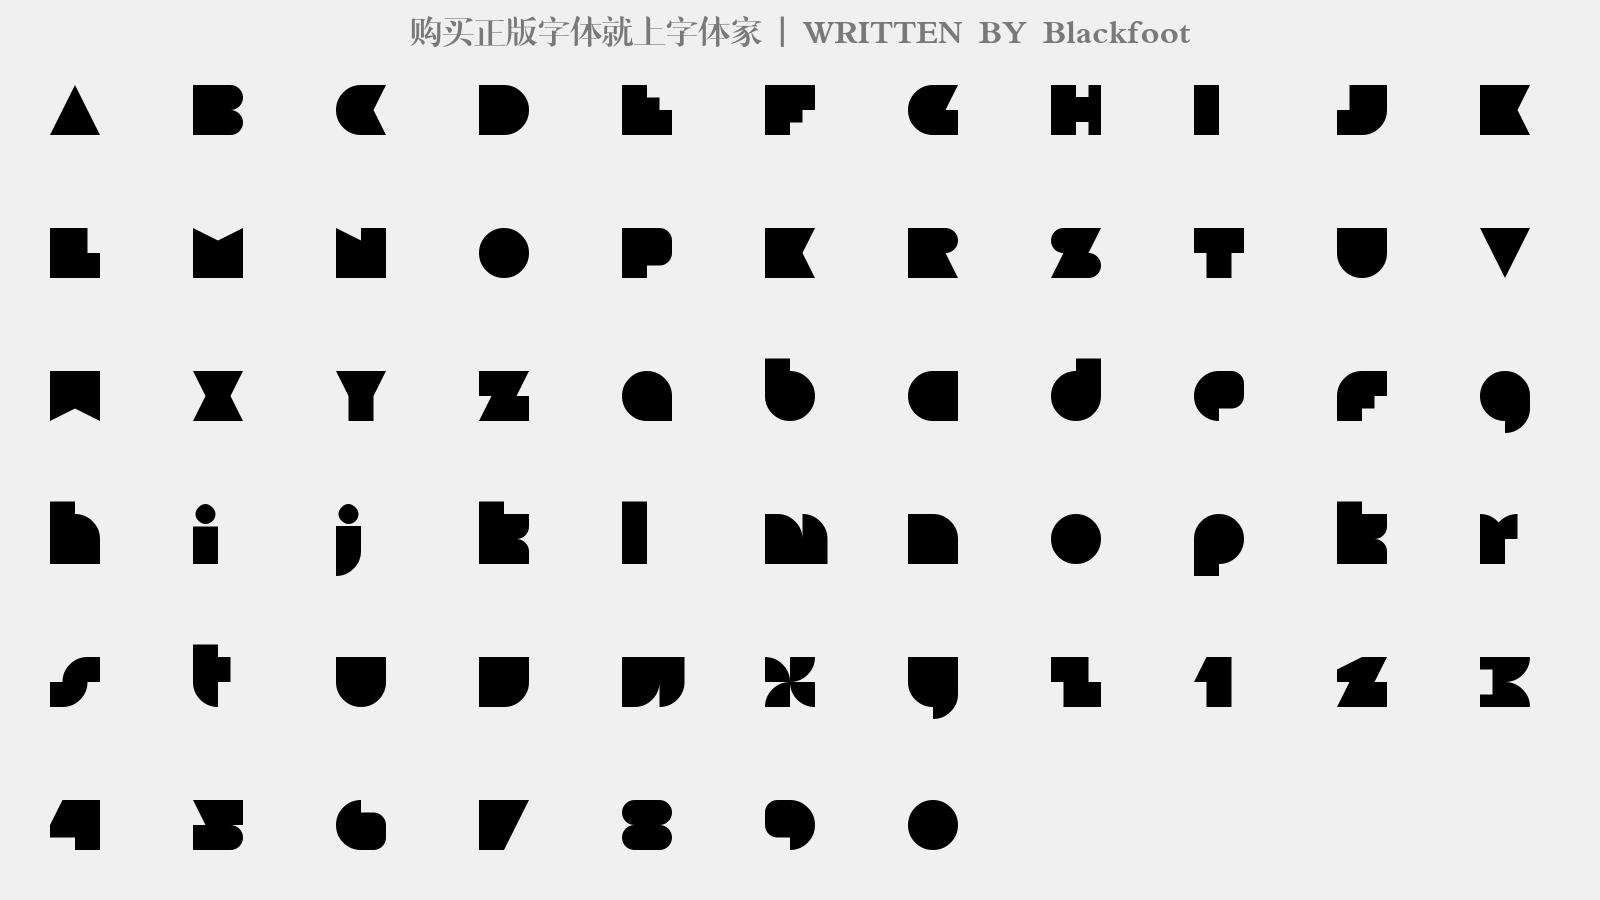 Blackfoot - 大寫字母/小寫字母/數字